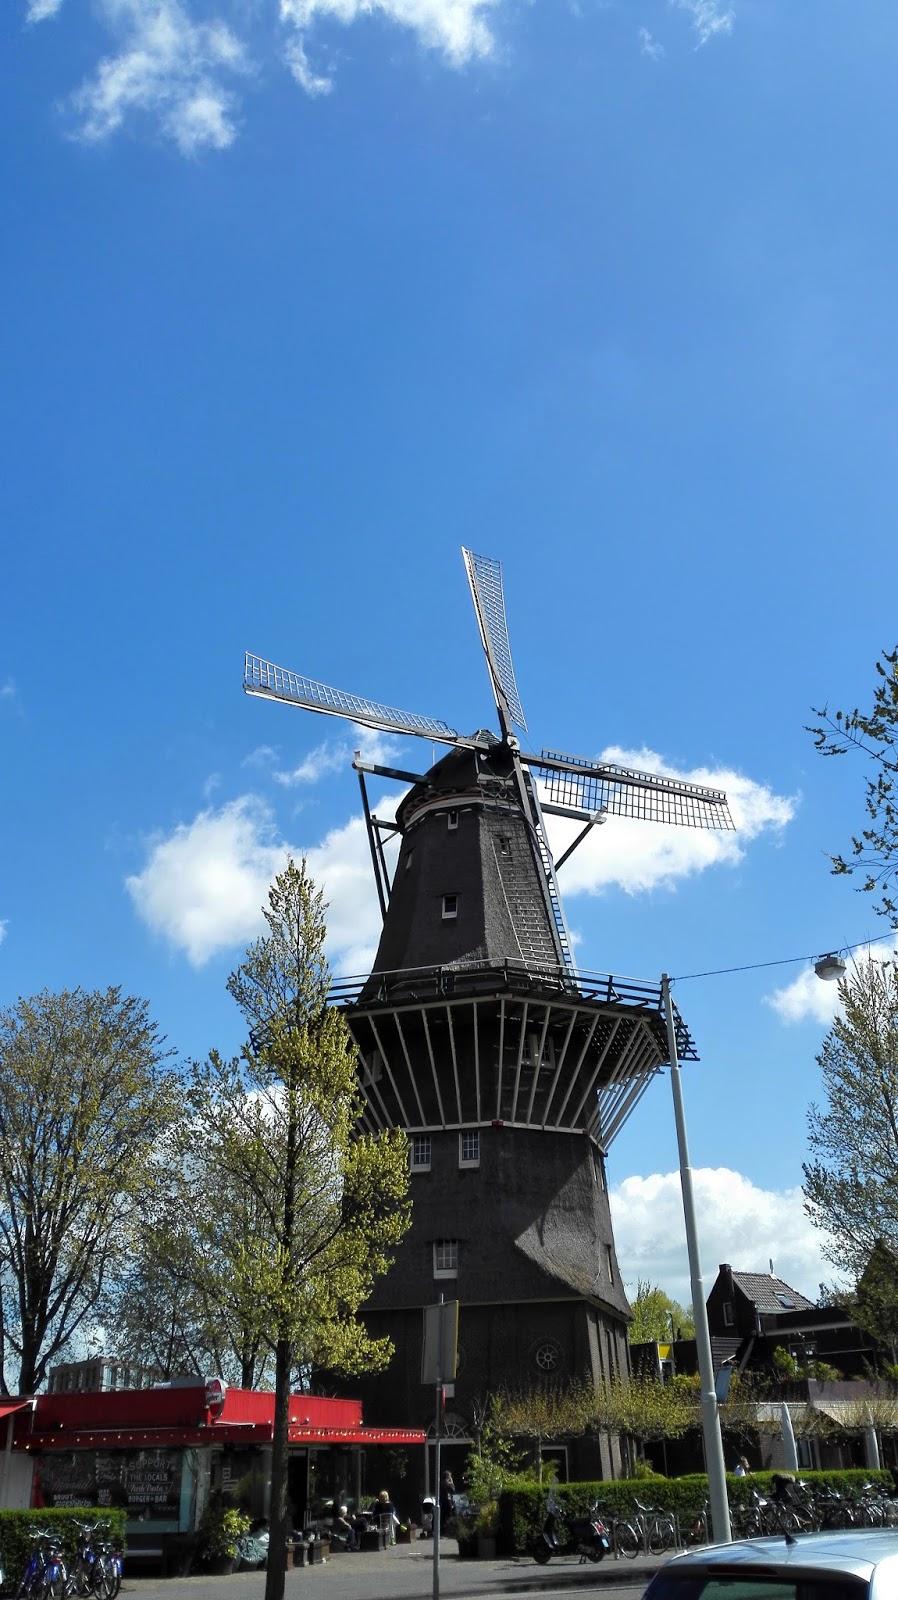 Baarit kytkeä Amsterdamissa